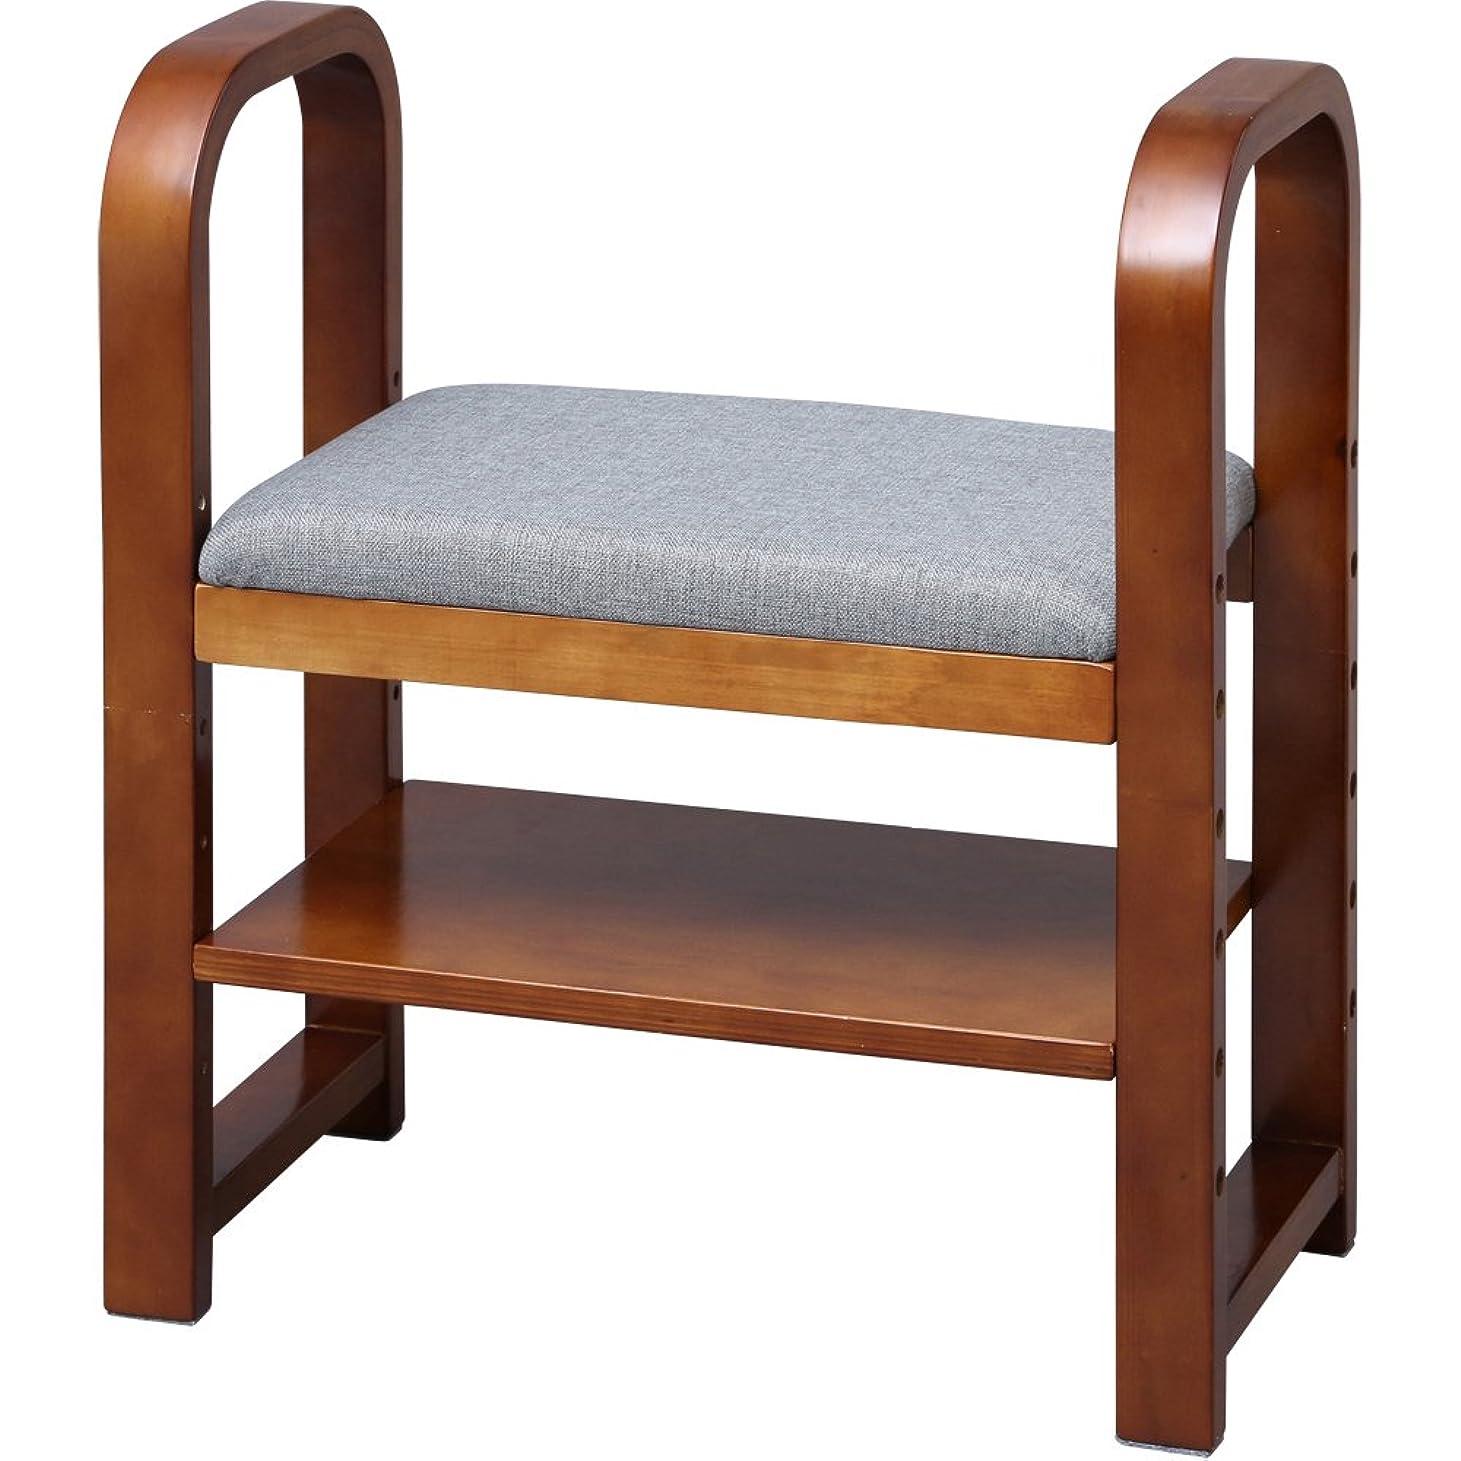 類人猿クアッガ期待してアイリスオーヤマ 玄関椅子 ブラウン GC-55